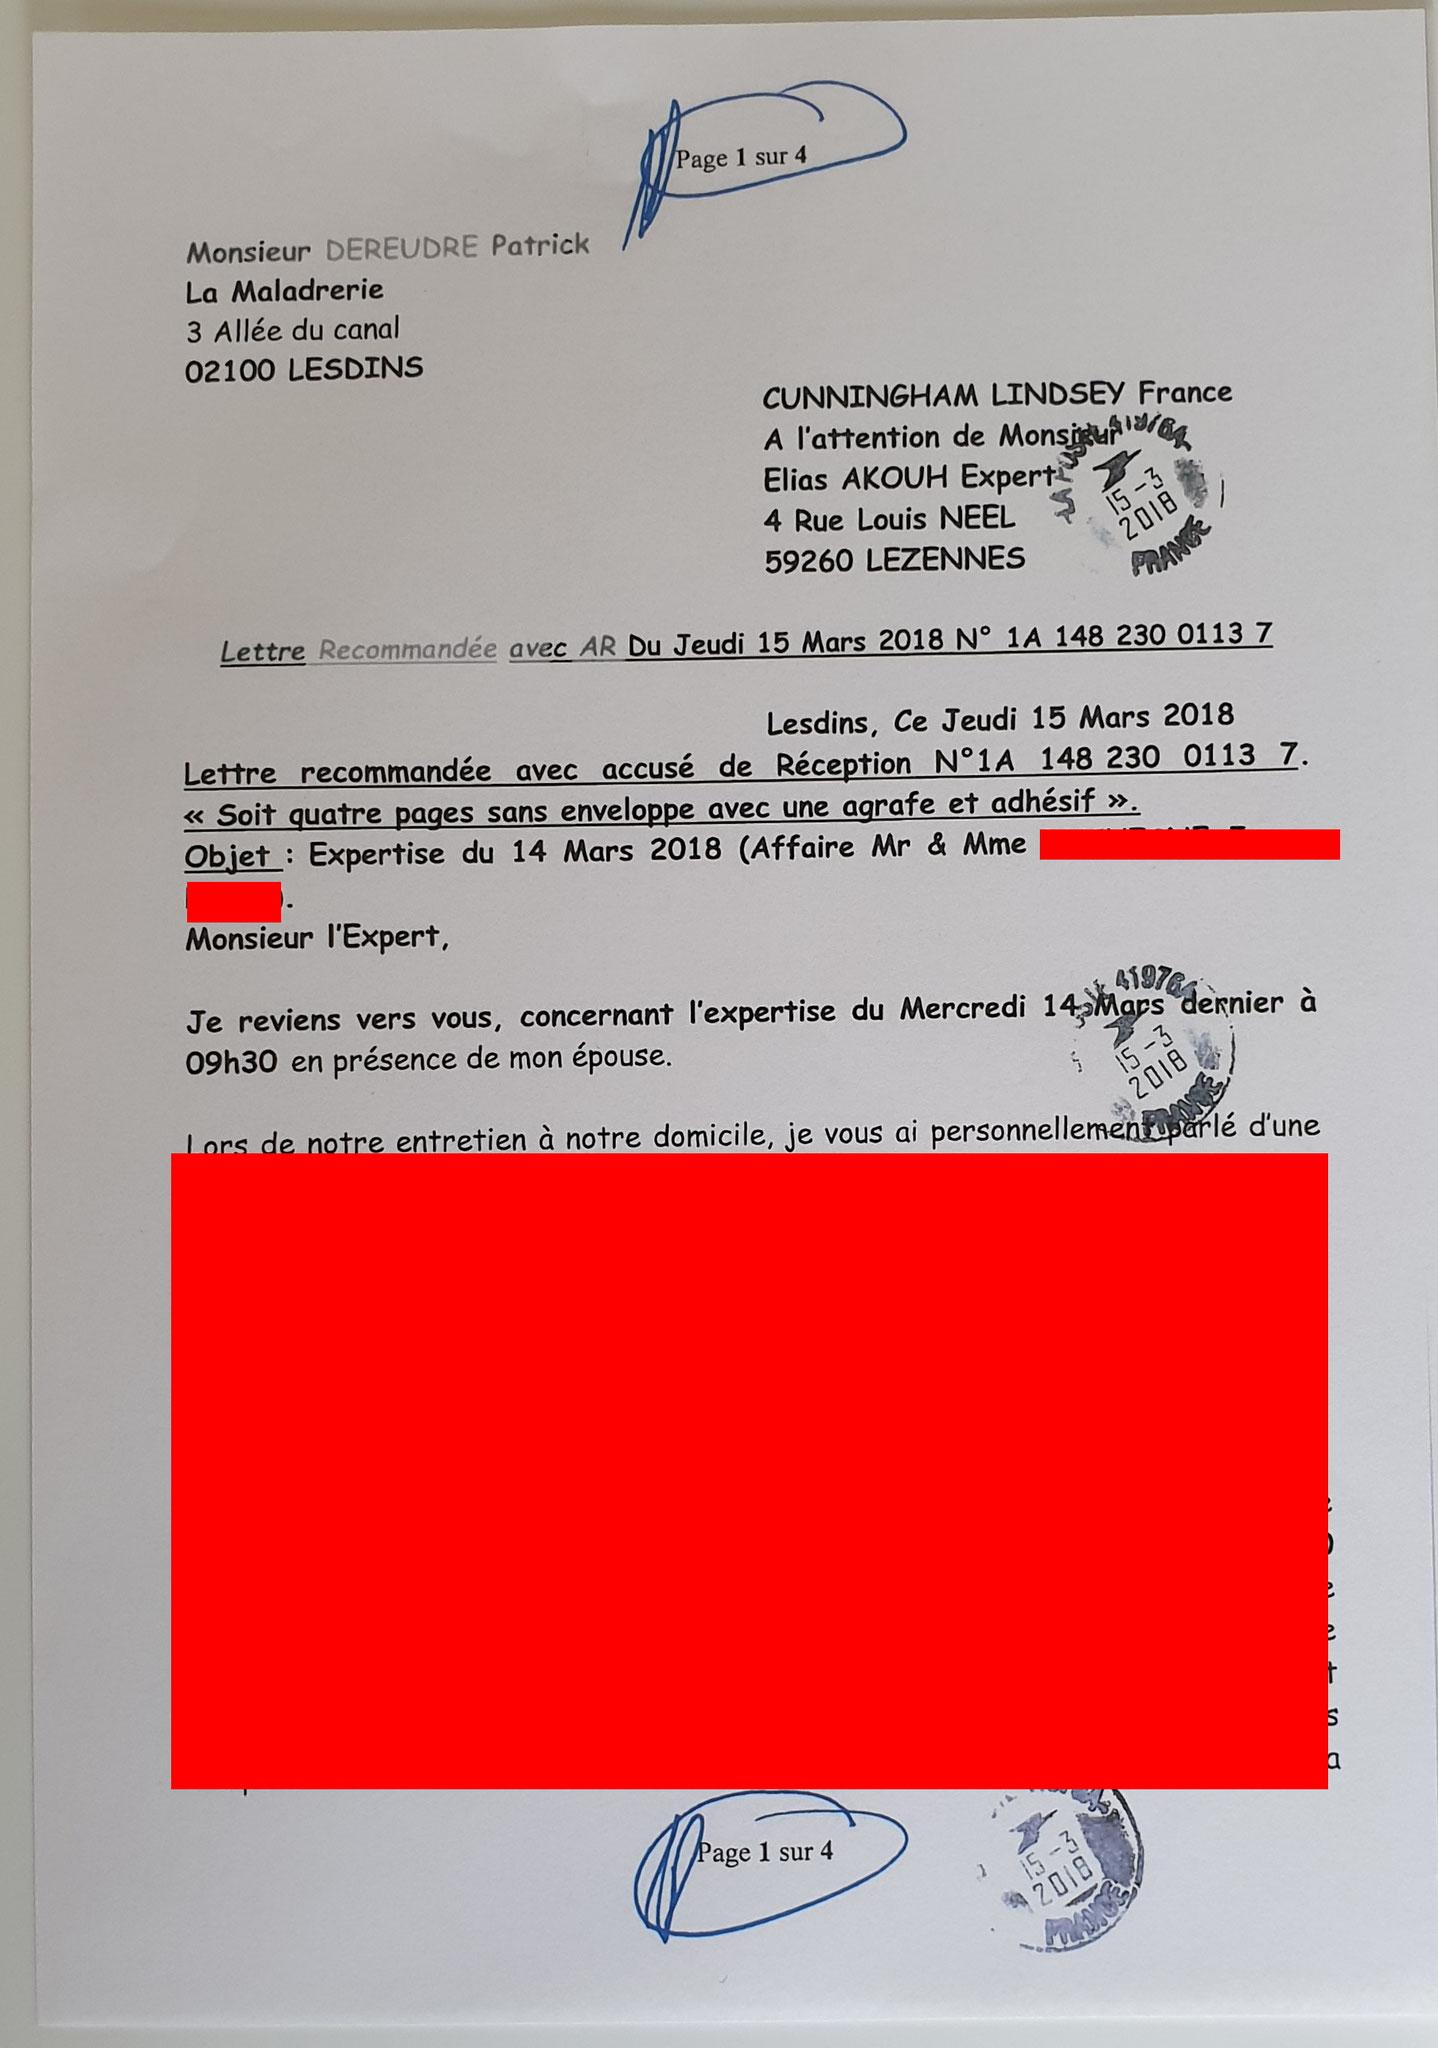 Le 15 Mars 2018 j'adresse à CUNNINGHAN LINDSEY une lettre recommandée N° 1A 148 230 0113 7 de quatre page en réaction à l'expertise INNACEPTABLE du 14 mars 2018 www.jesuisvictime.fr www.jesuispatrick.fr www.jenesuispasunchien.fr PARJURE & CORRUPTION